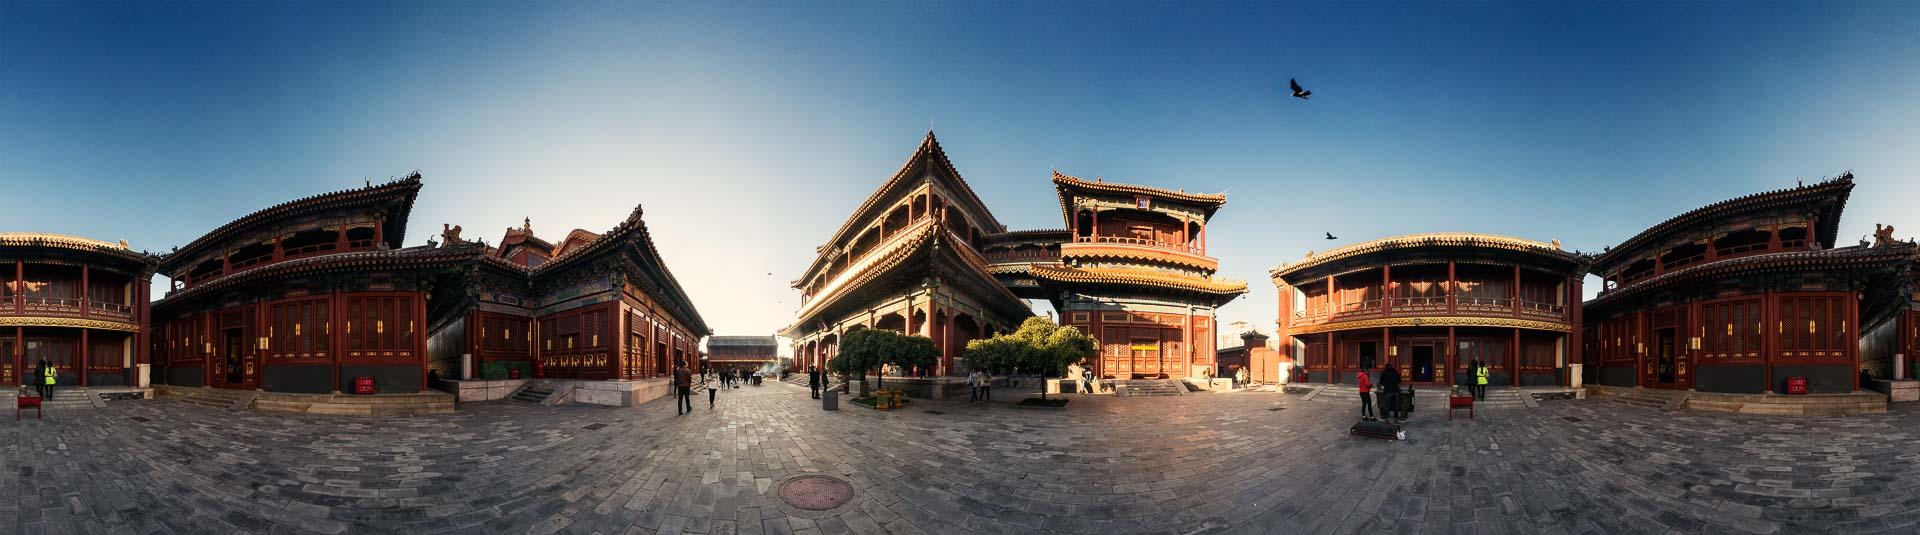 Beijing Lama Tempel – 360° Foto